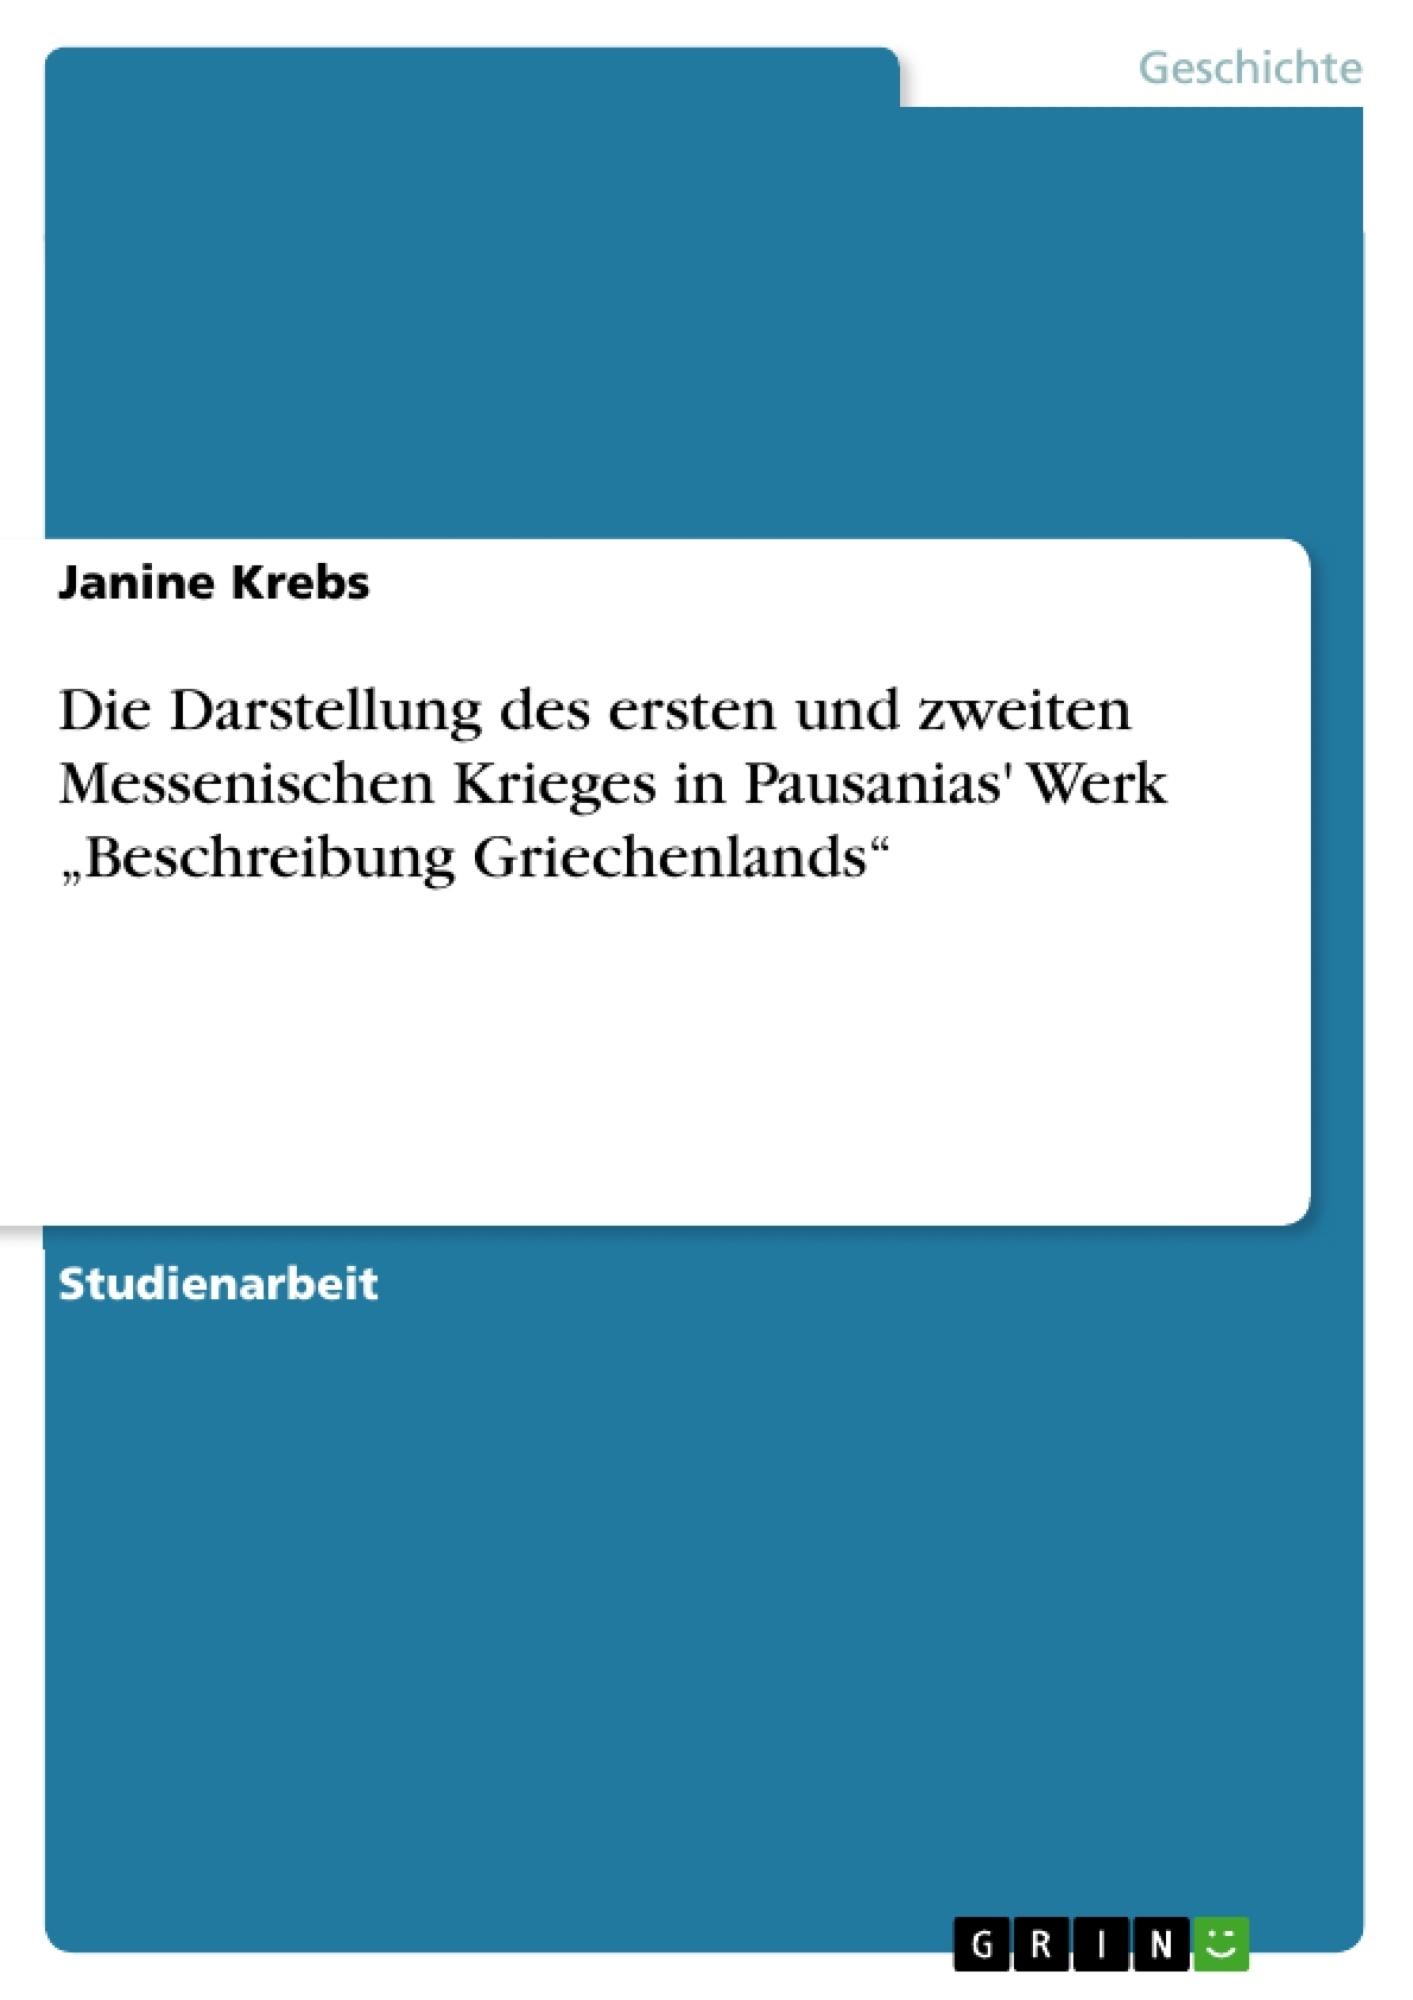 """Titel: Die Darstellung des ersten und zweiten Messenischen Krieges in Pausanias' Werk """"Beschreibung Griechenlands"""""""